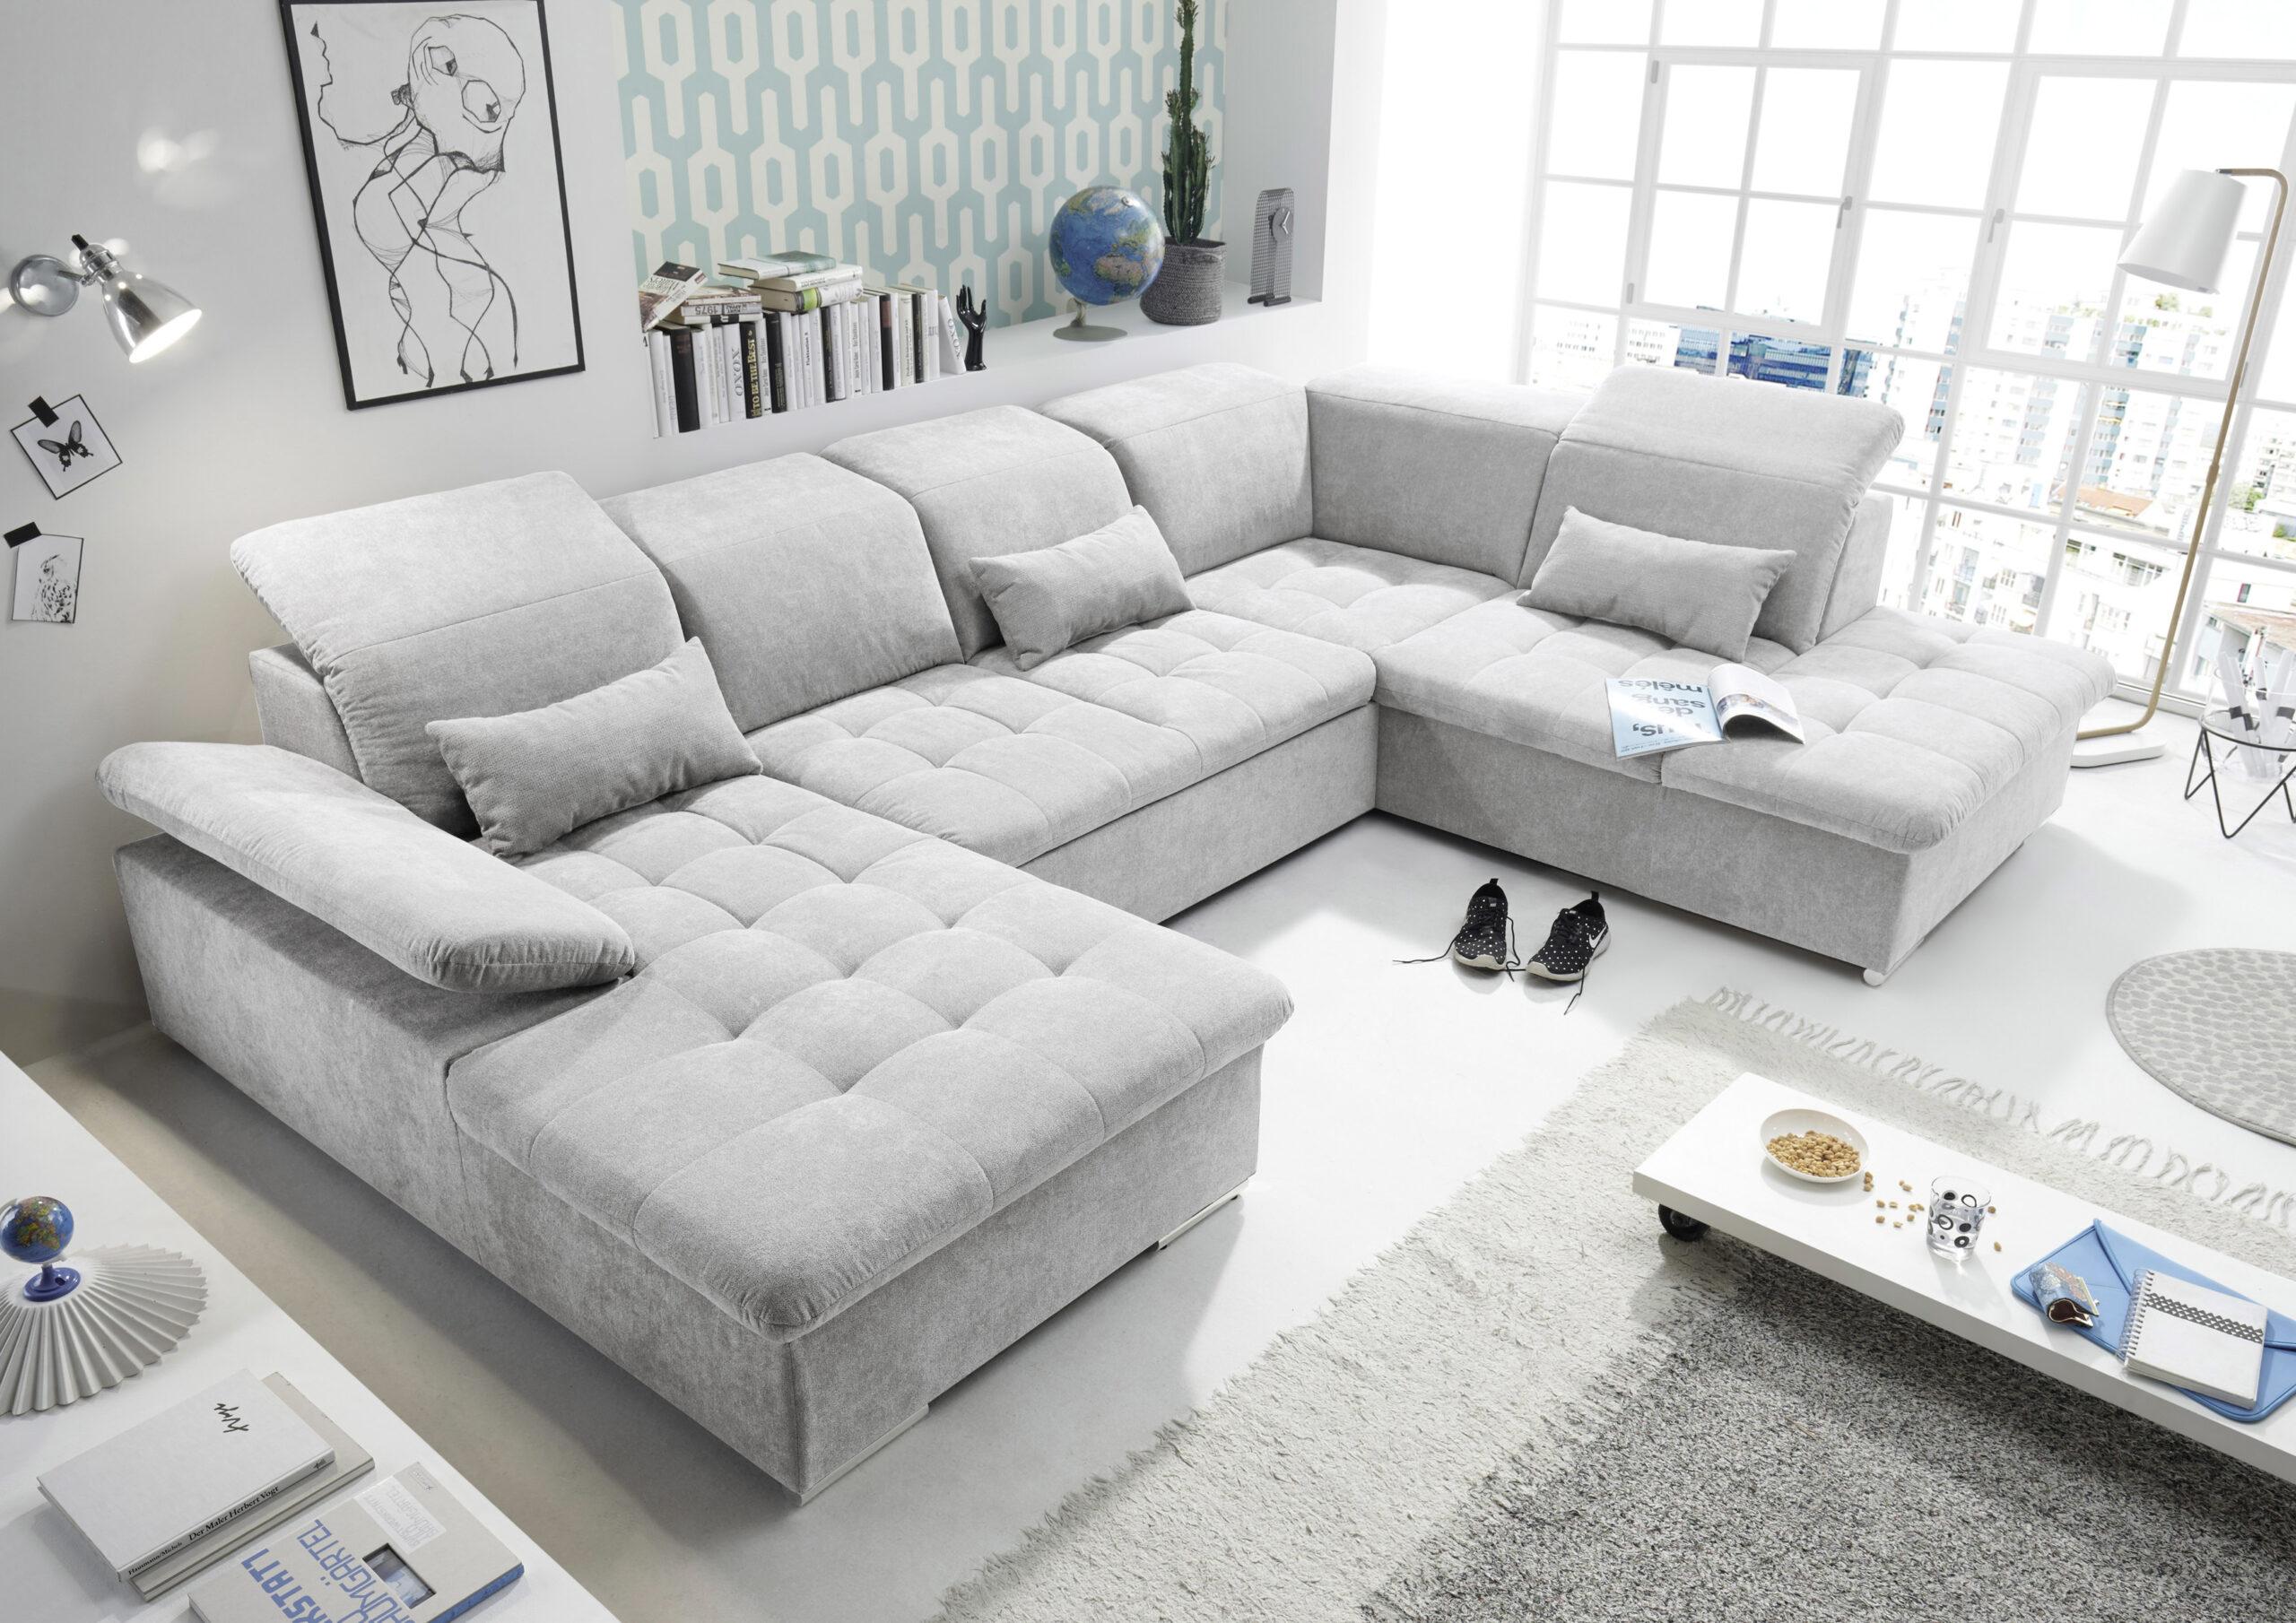 Full Size of Sofa Schlaffunktion Couch Wayne R Schlafcouch Wohnlandschaft Bullfrog Kleines Wohnzimmer Rundes In L Form Garnitur Polster Federkern Heimkino Grau Stoff Ikea Sofa Sofa Schlaffunktion